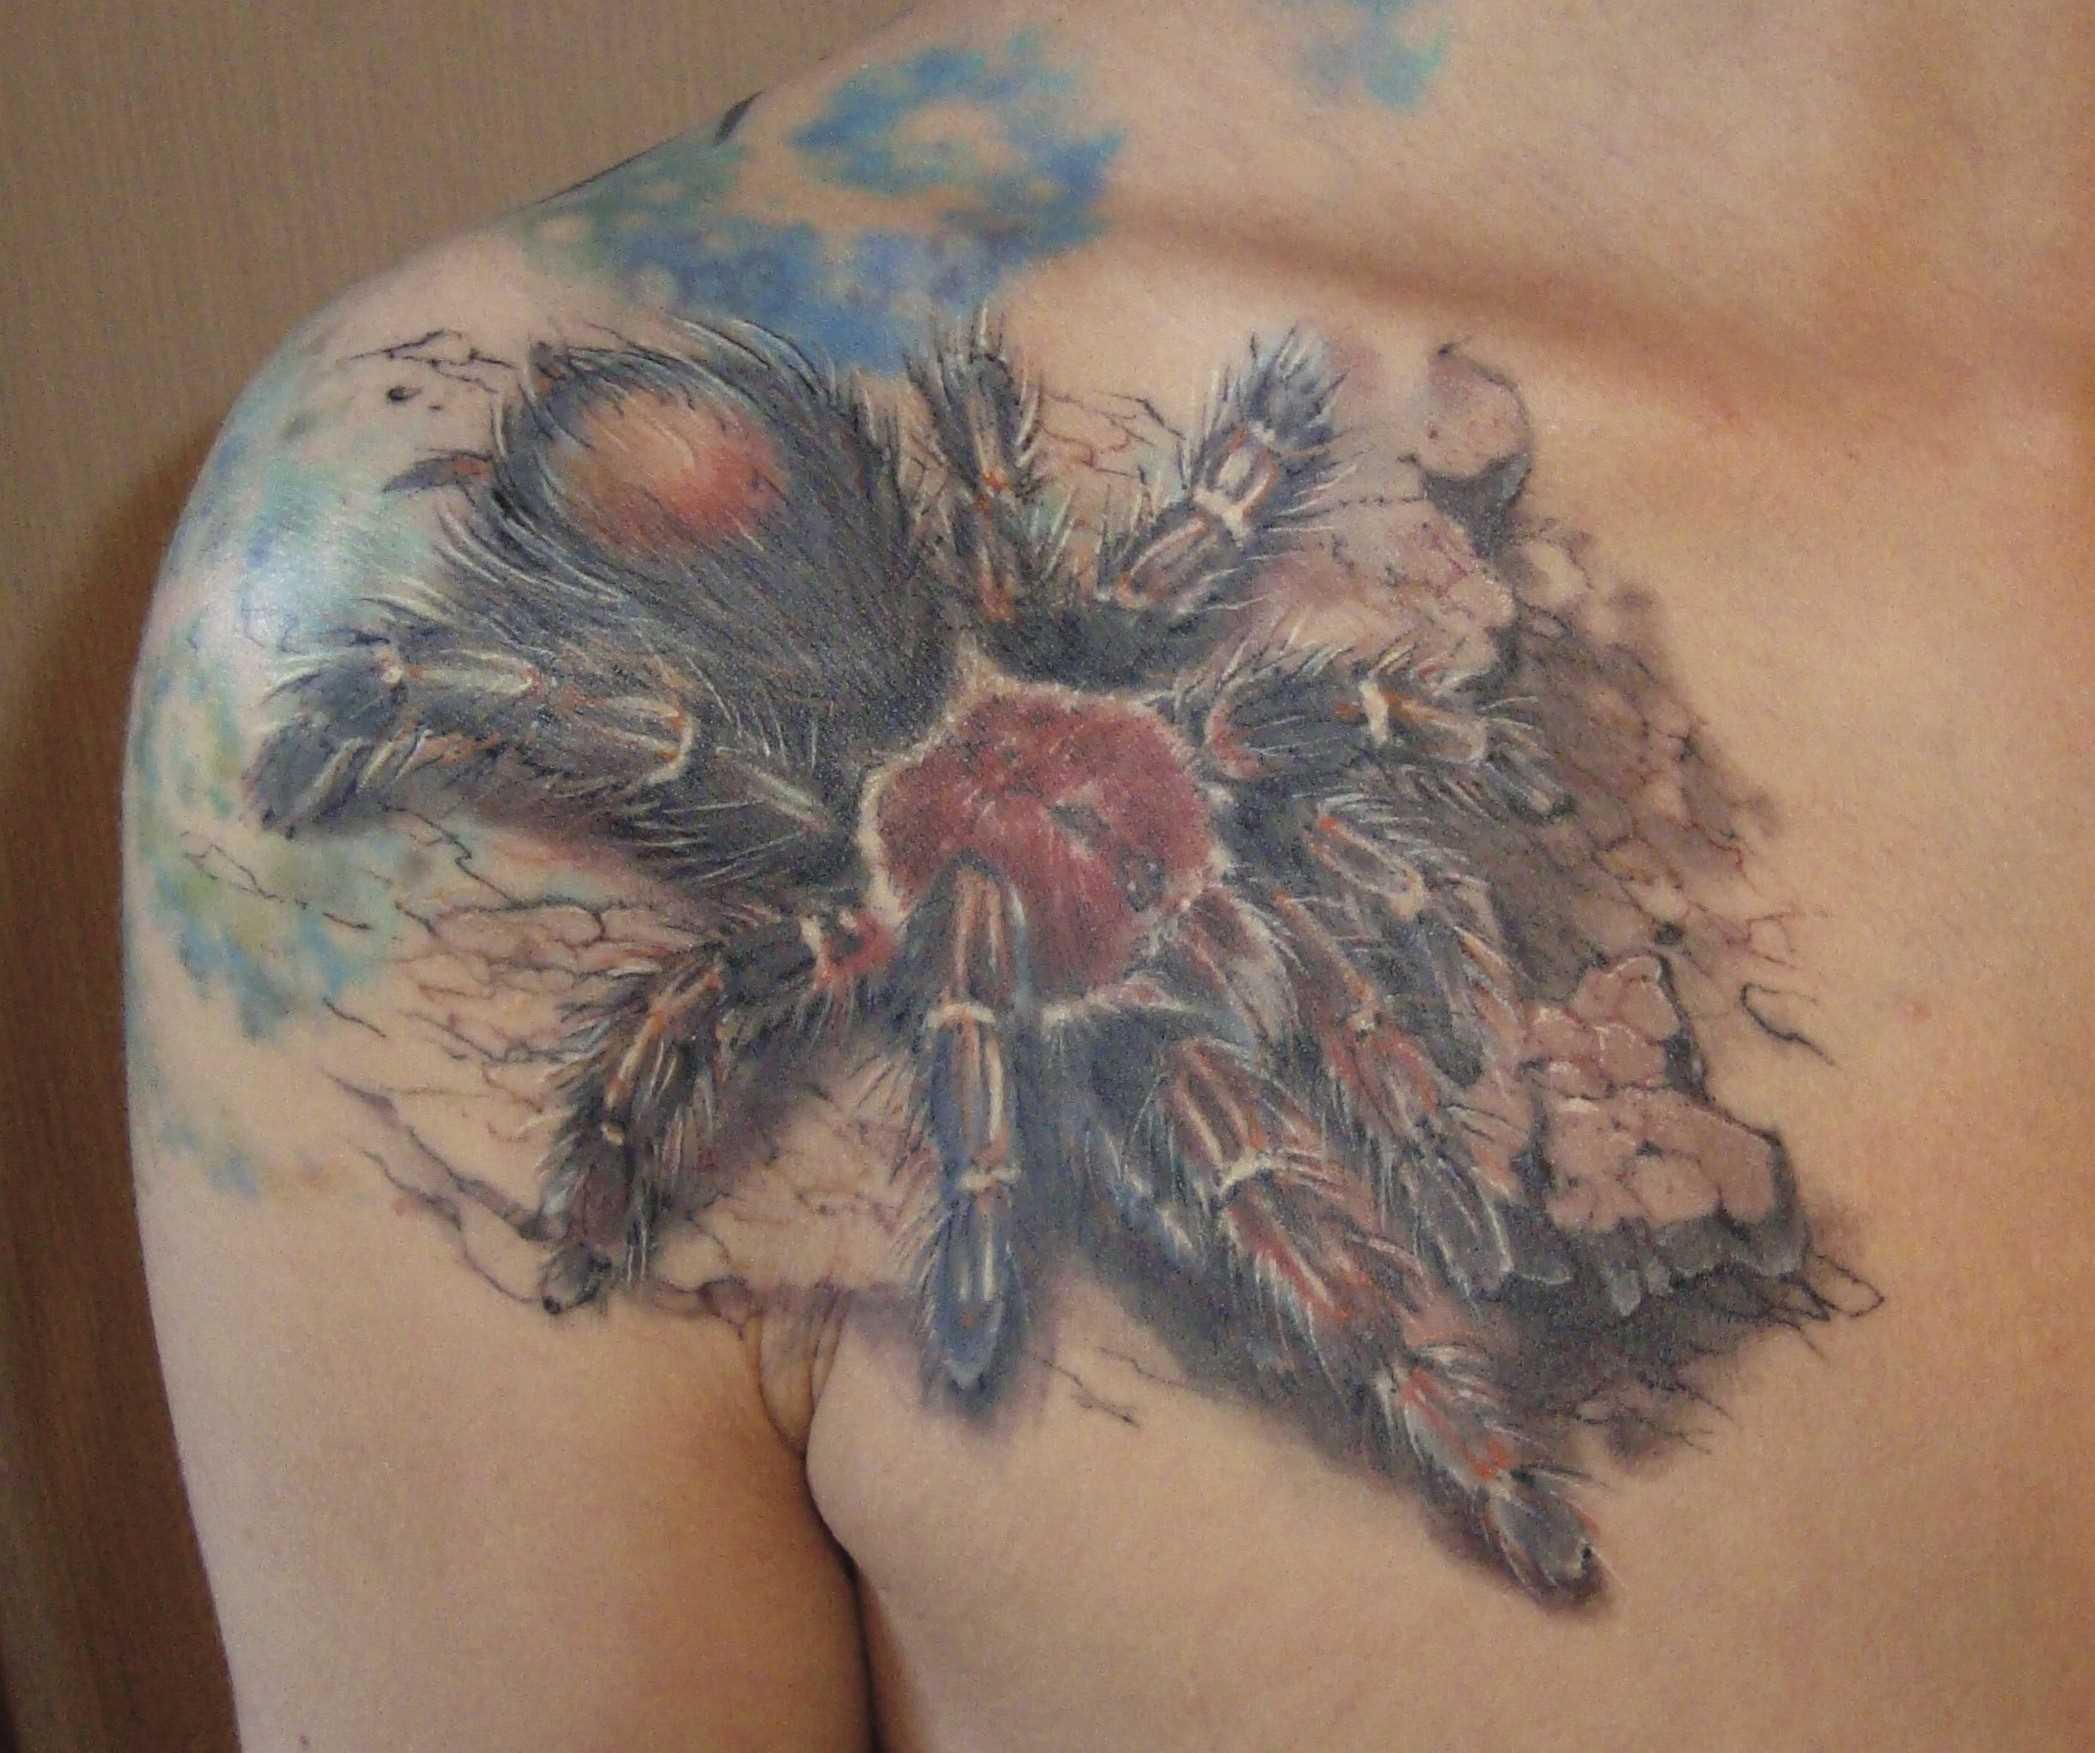 Uma bela tatuagem em seu ombro o homem - aranha